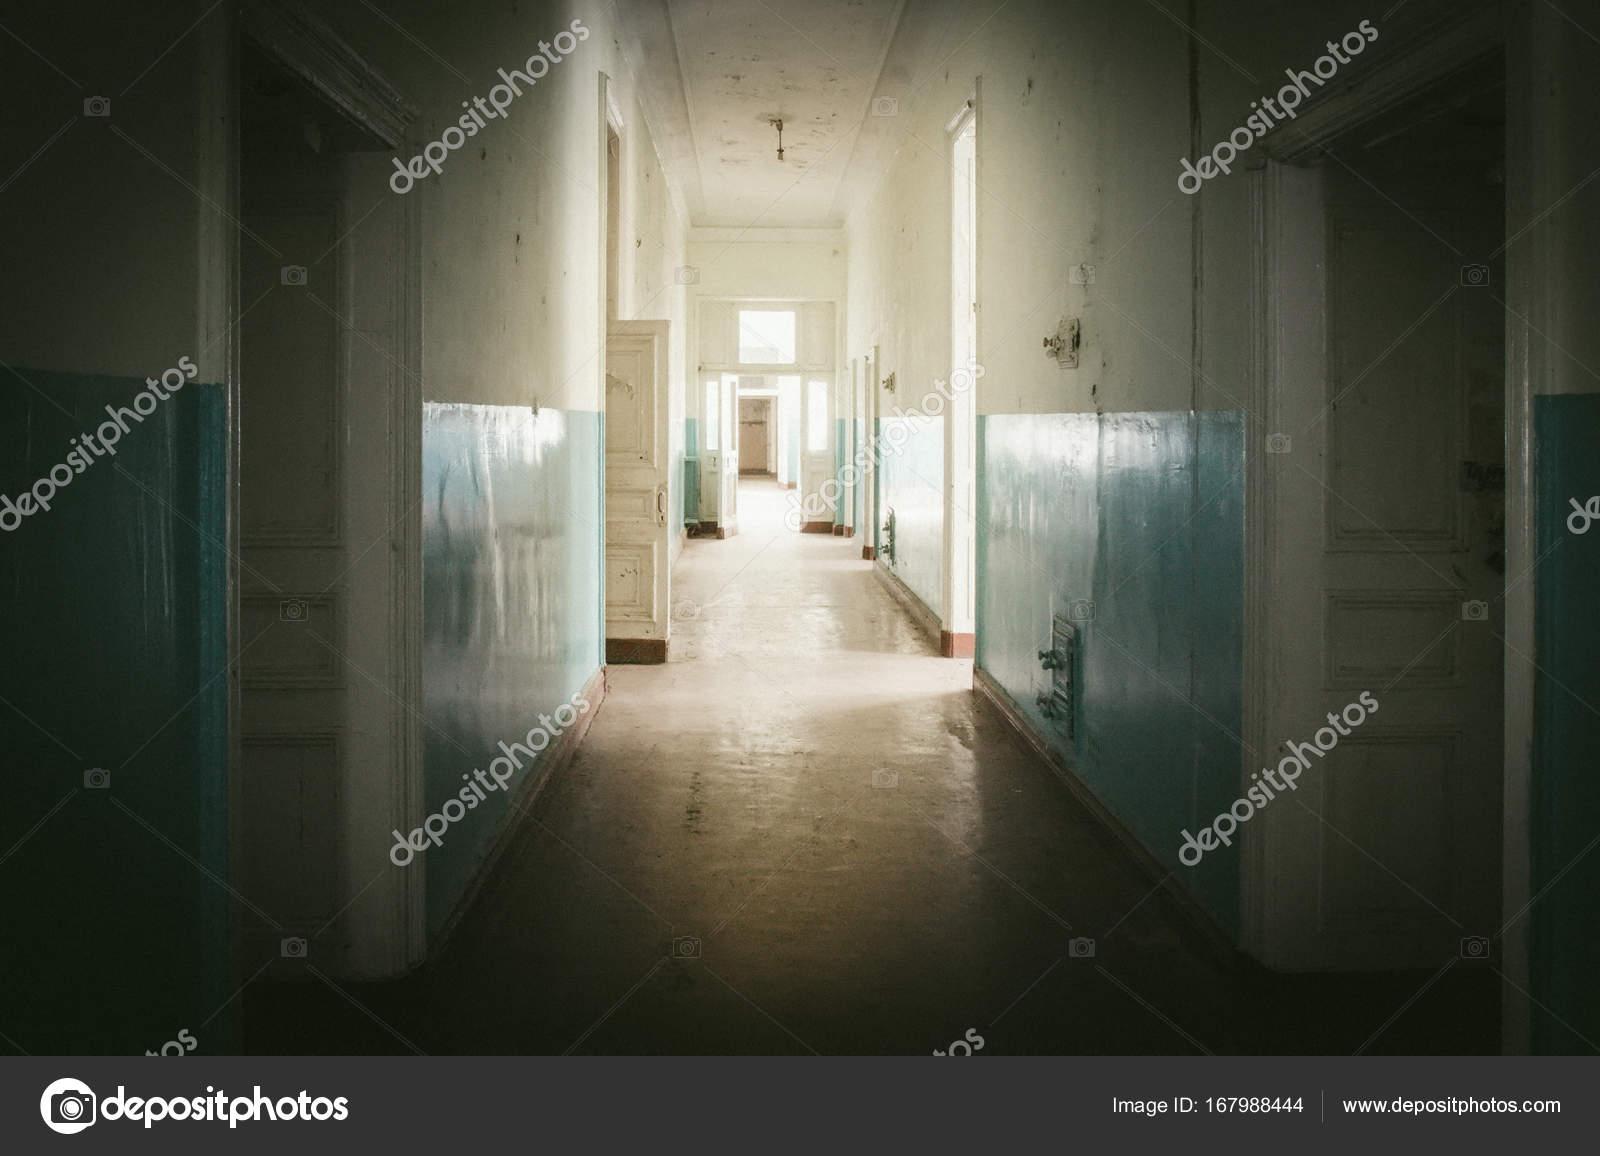 Corridoio Lungo Casa : Abbandonato il lungo corridoio e camera in vecchia casa u foto